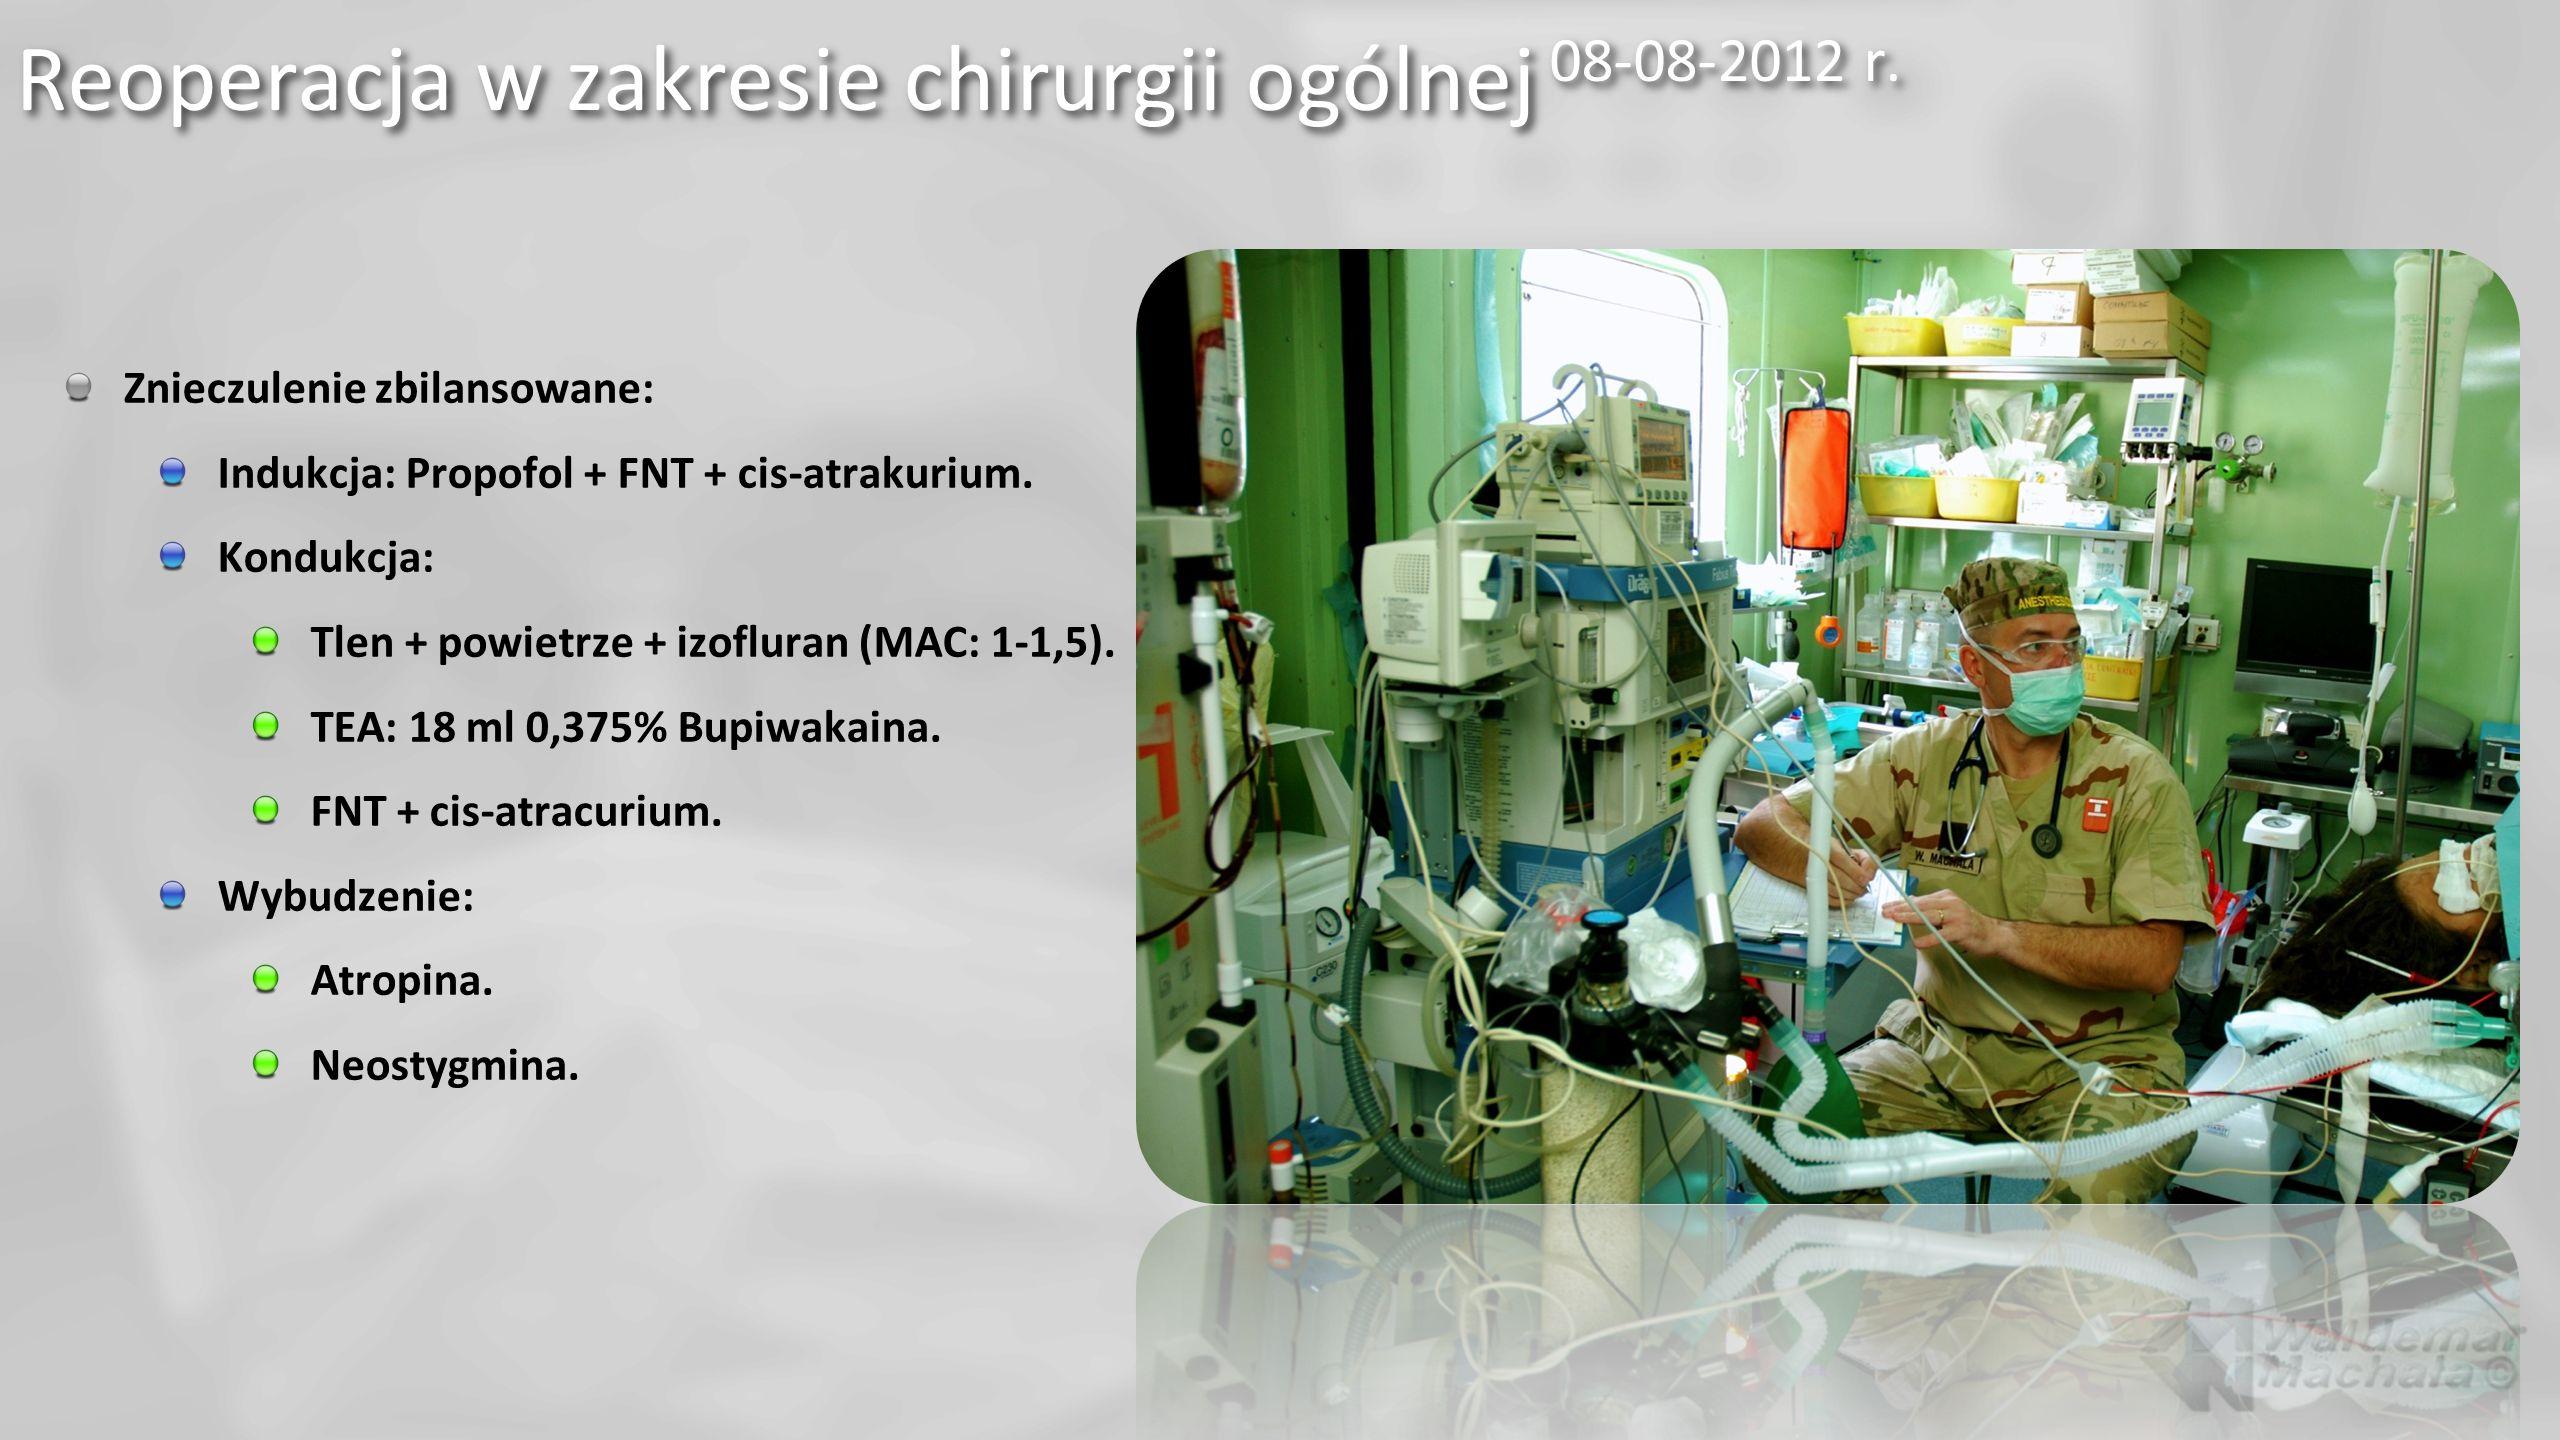 Znieczulenie zbilansowane: Indukcja: Propofol + FNT + cis-atrakurium. Kondukcja: Tlen + powietrze + izofluran (MAC: 1-1,5). TEA: 18 ml 0,375% Bupiwaka